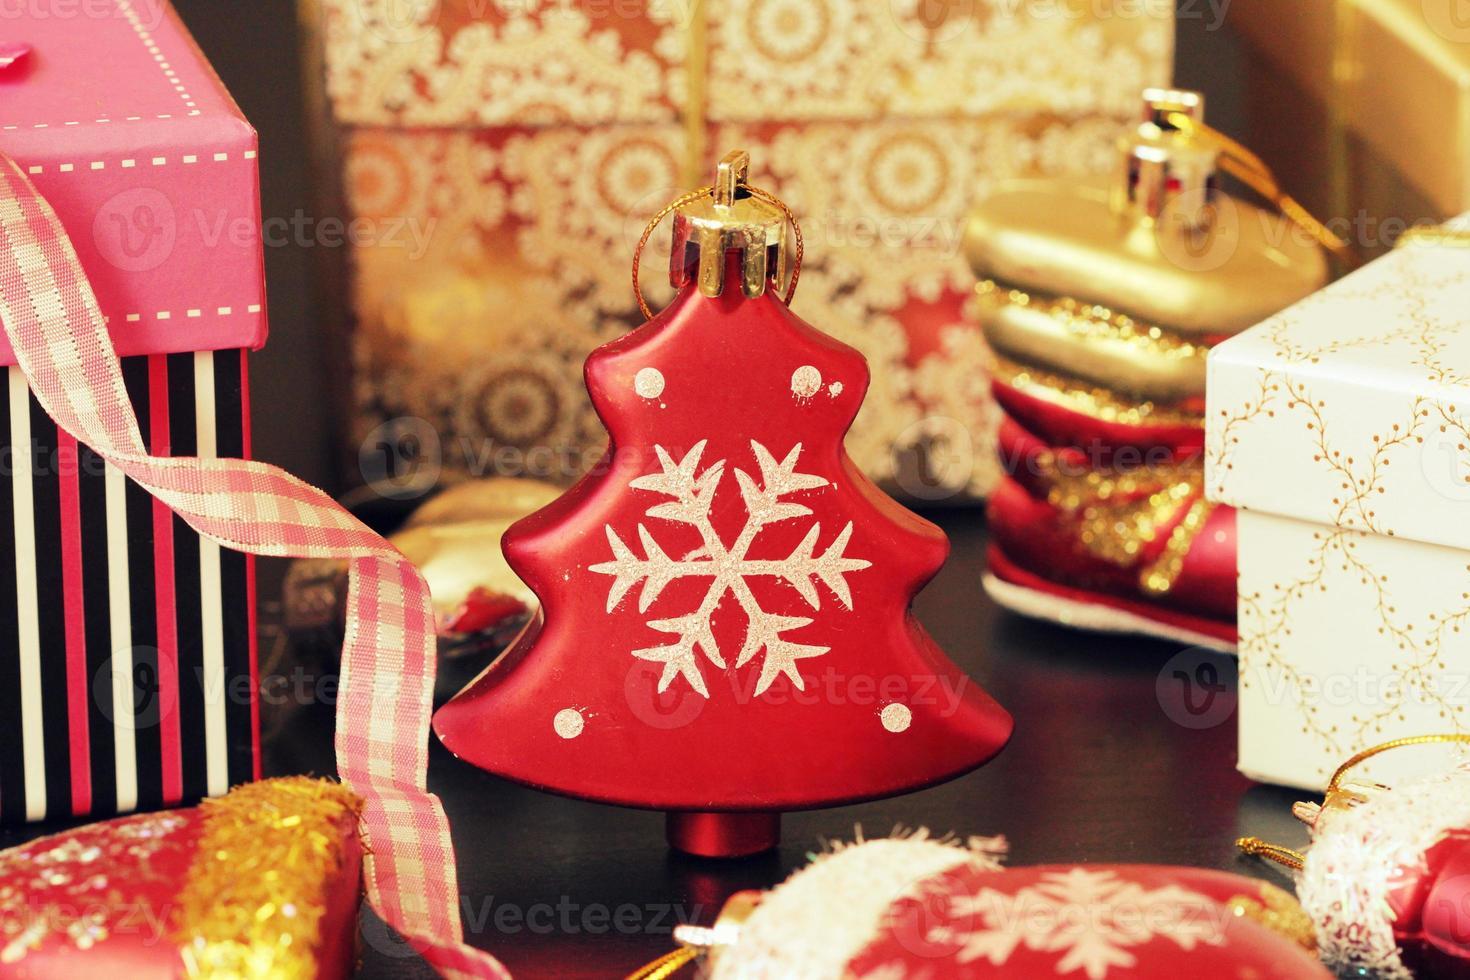 decorazioni natalizie e confezione regalo foto